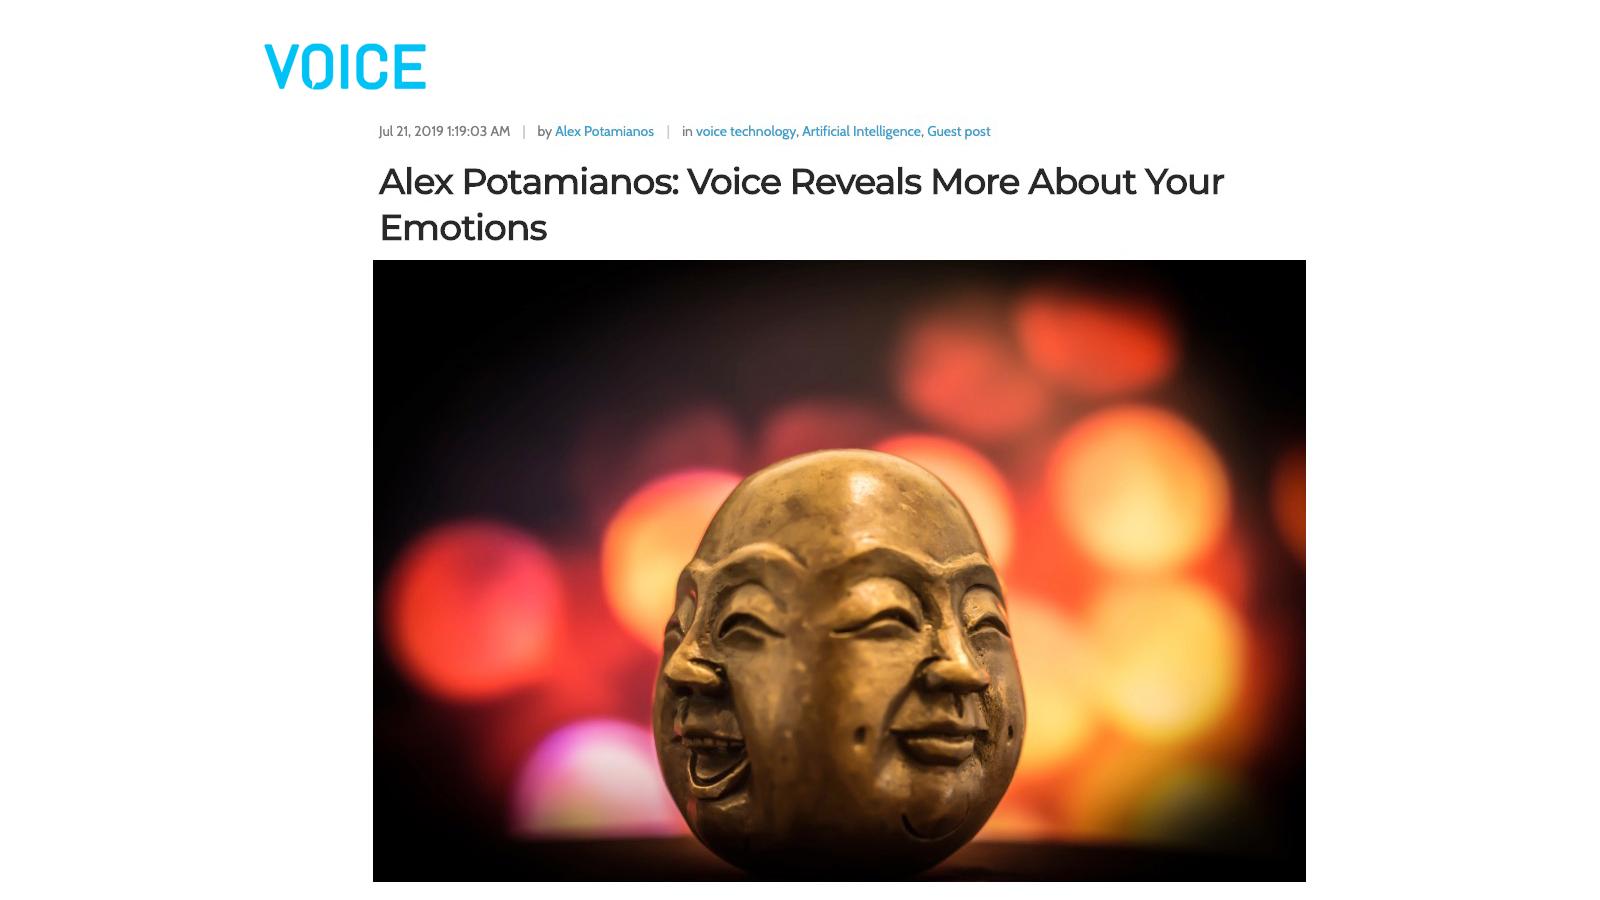 Alex Potamianos: Voice Reveals More About Your Emotions